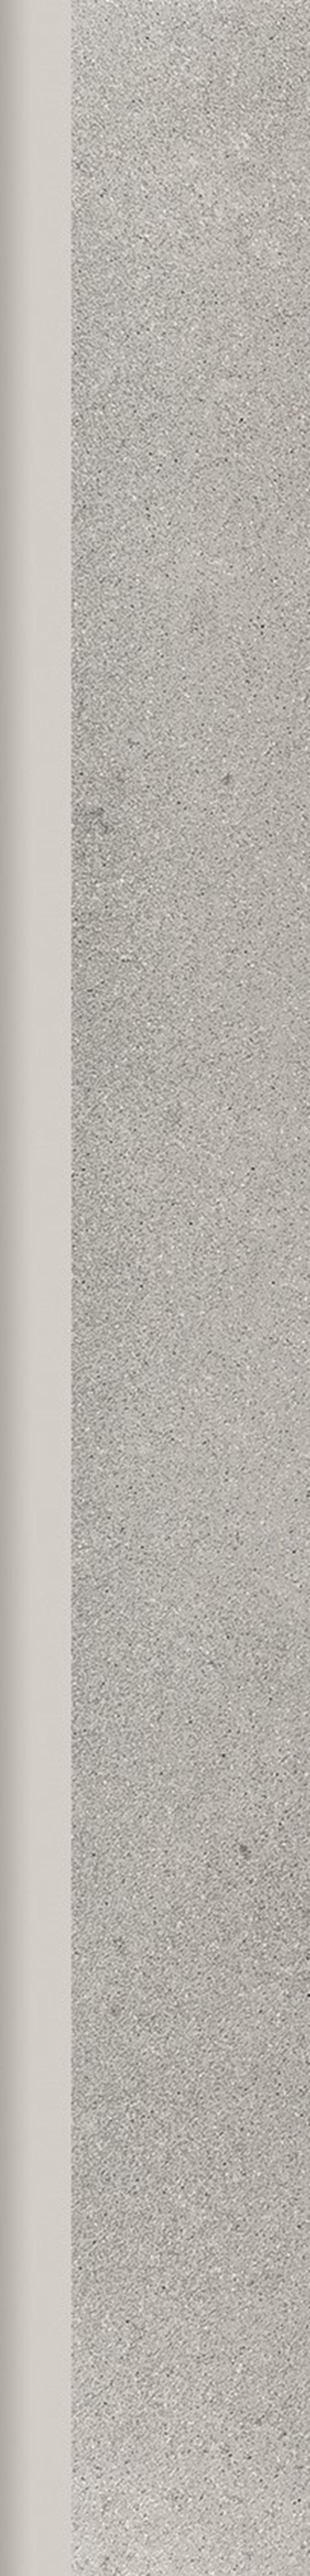 Dekoracja podłogowa 7,2x59,8 cm Paradyż Naturstone Antracite Cokół Mat